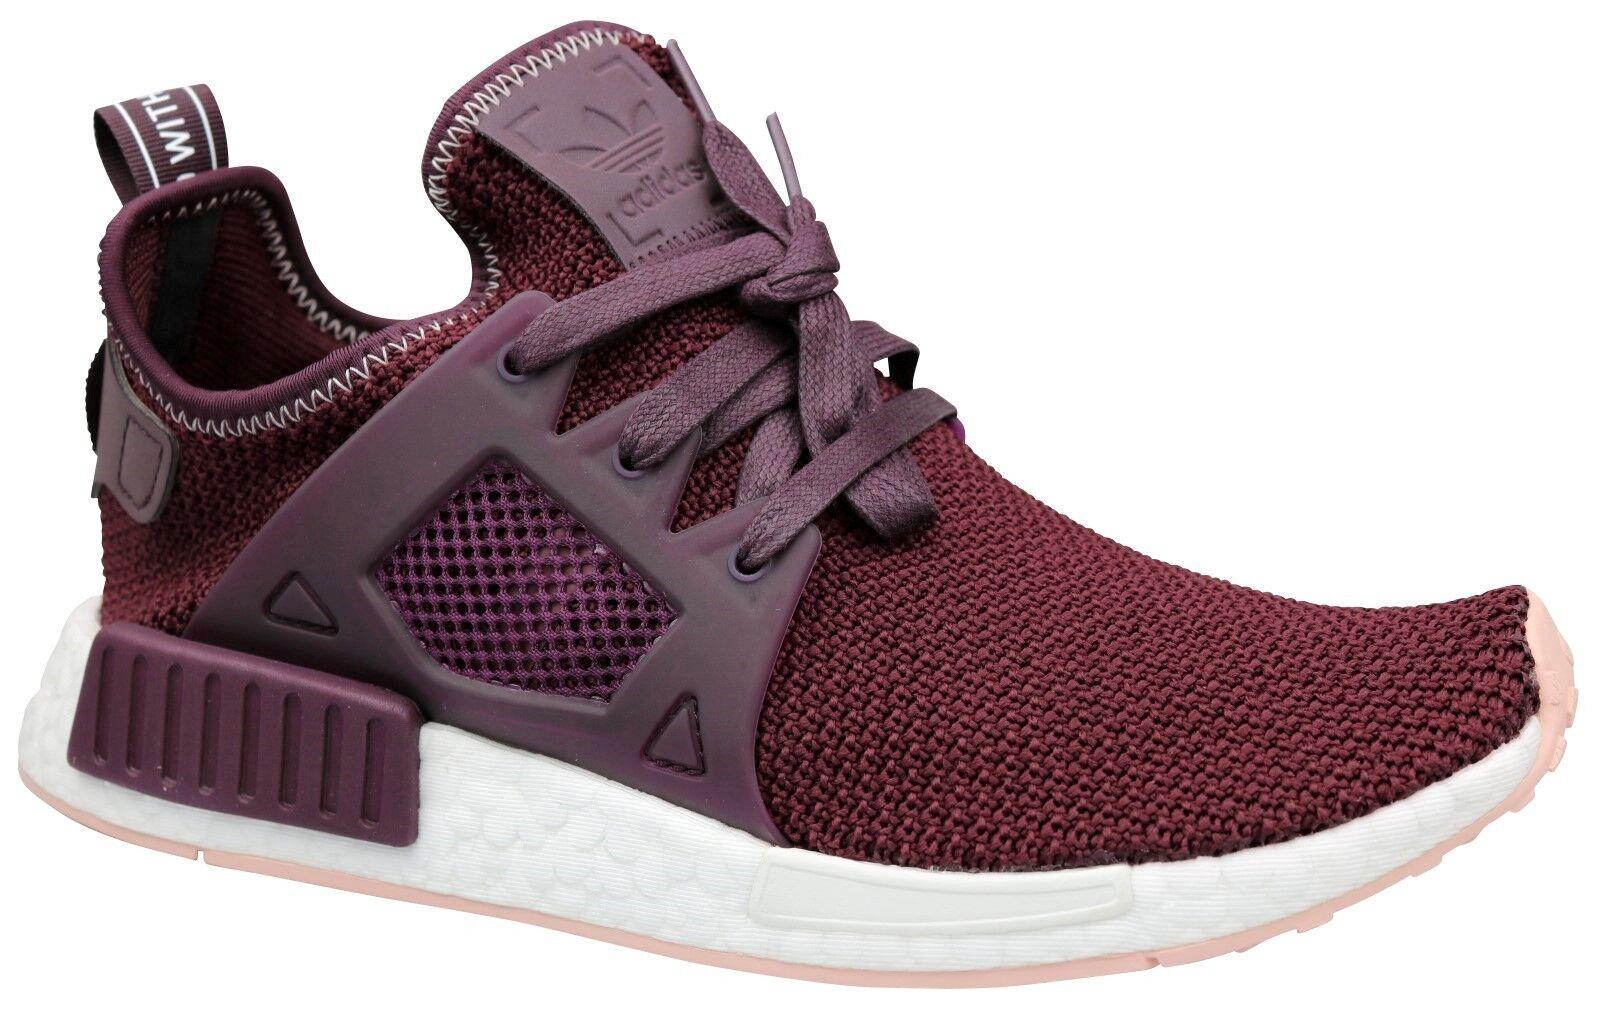 Adidas NMD XR1 W Damen Sneaker Turnschuhe Schuhe BY9820 rot Gr. 36 - 40 2/3 NEU